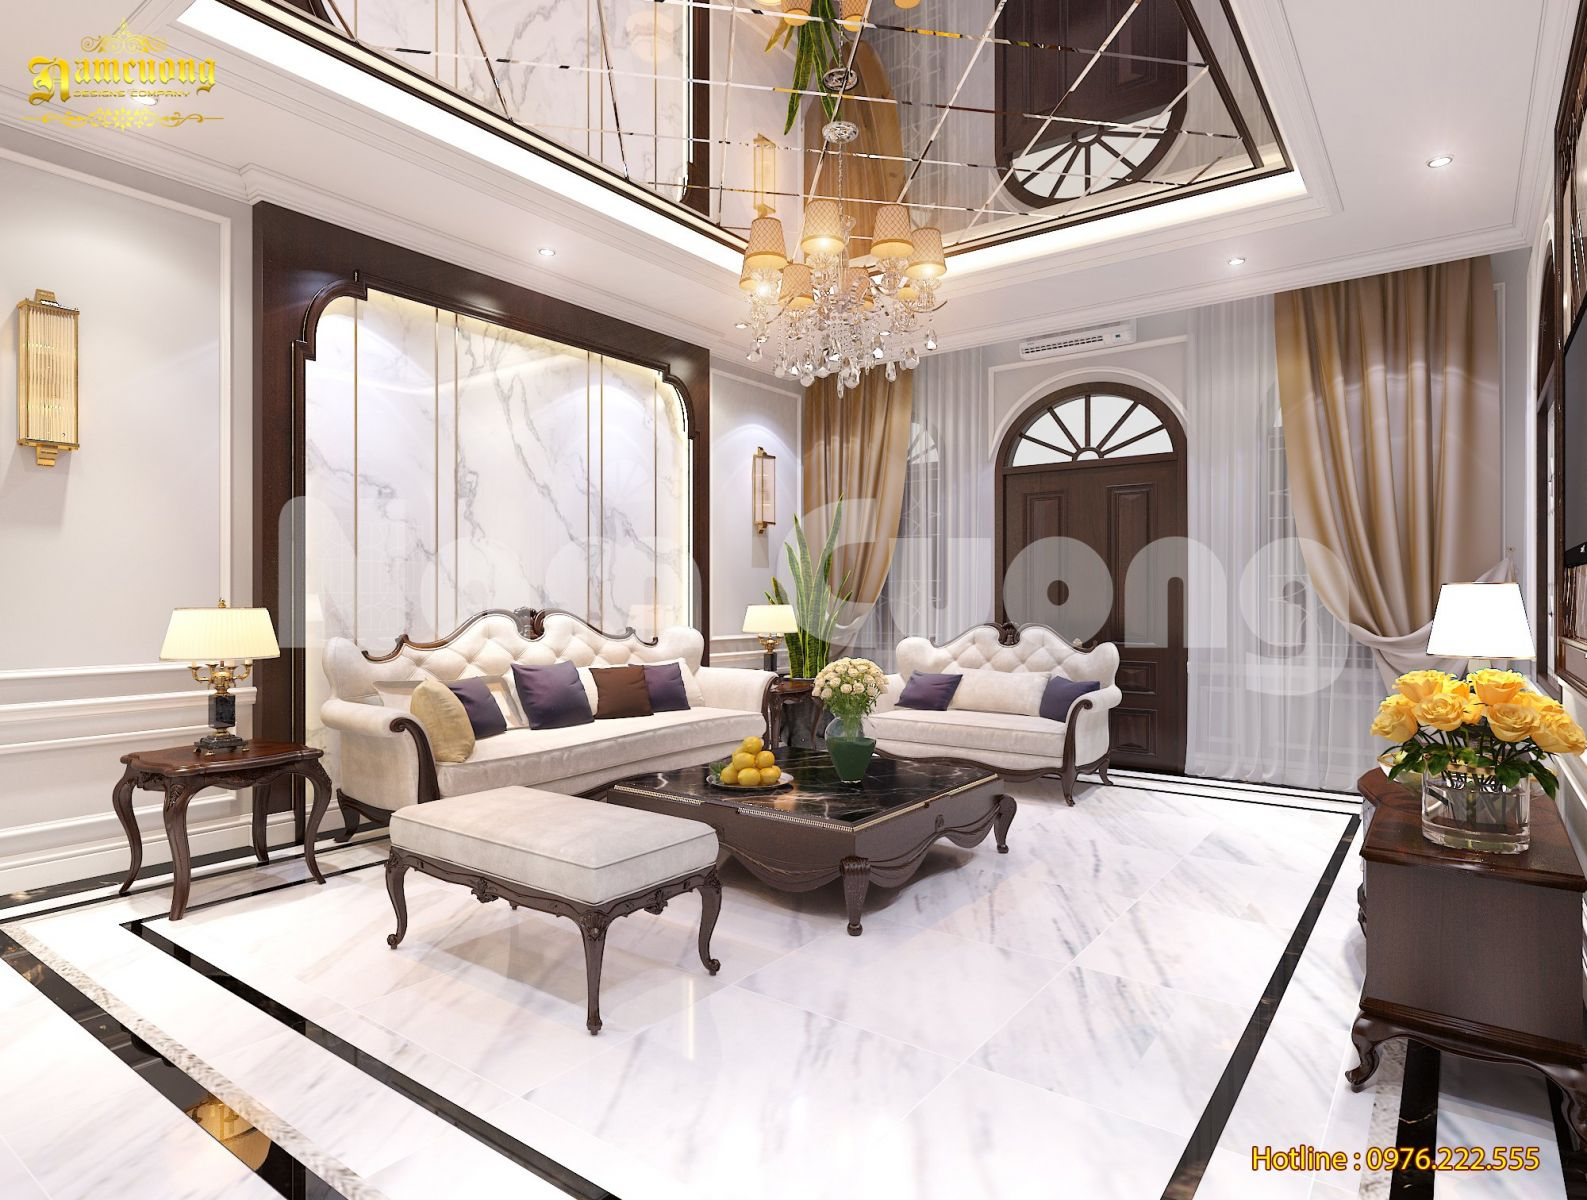 Thiết kế nội thất biệt thự Pháp 5 tầng tại Hải Phòng